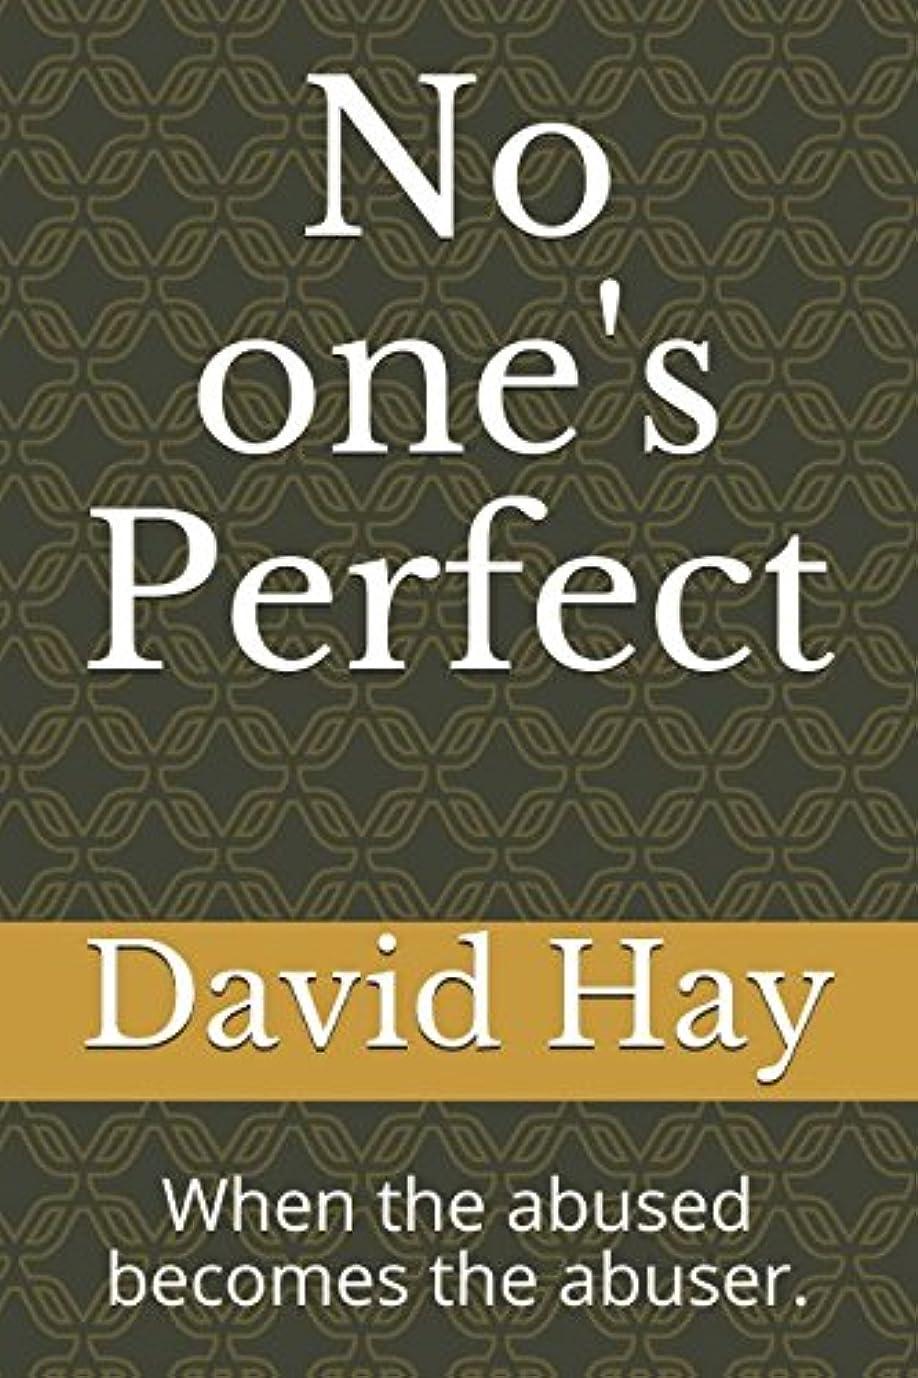 許される誕生日収束No one's Perfect: When the abused becomes the abuser.